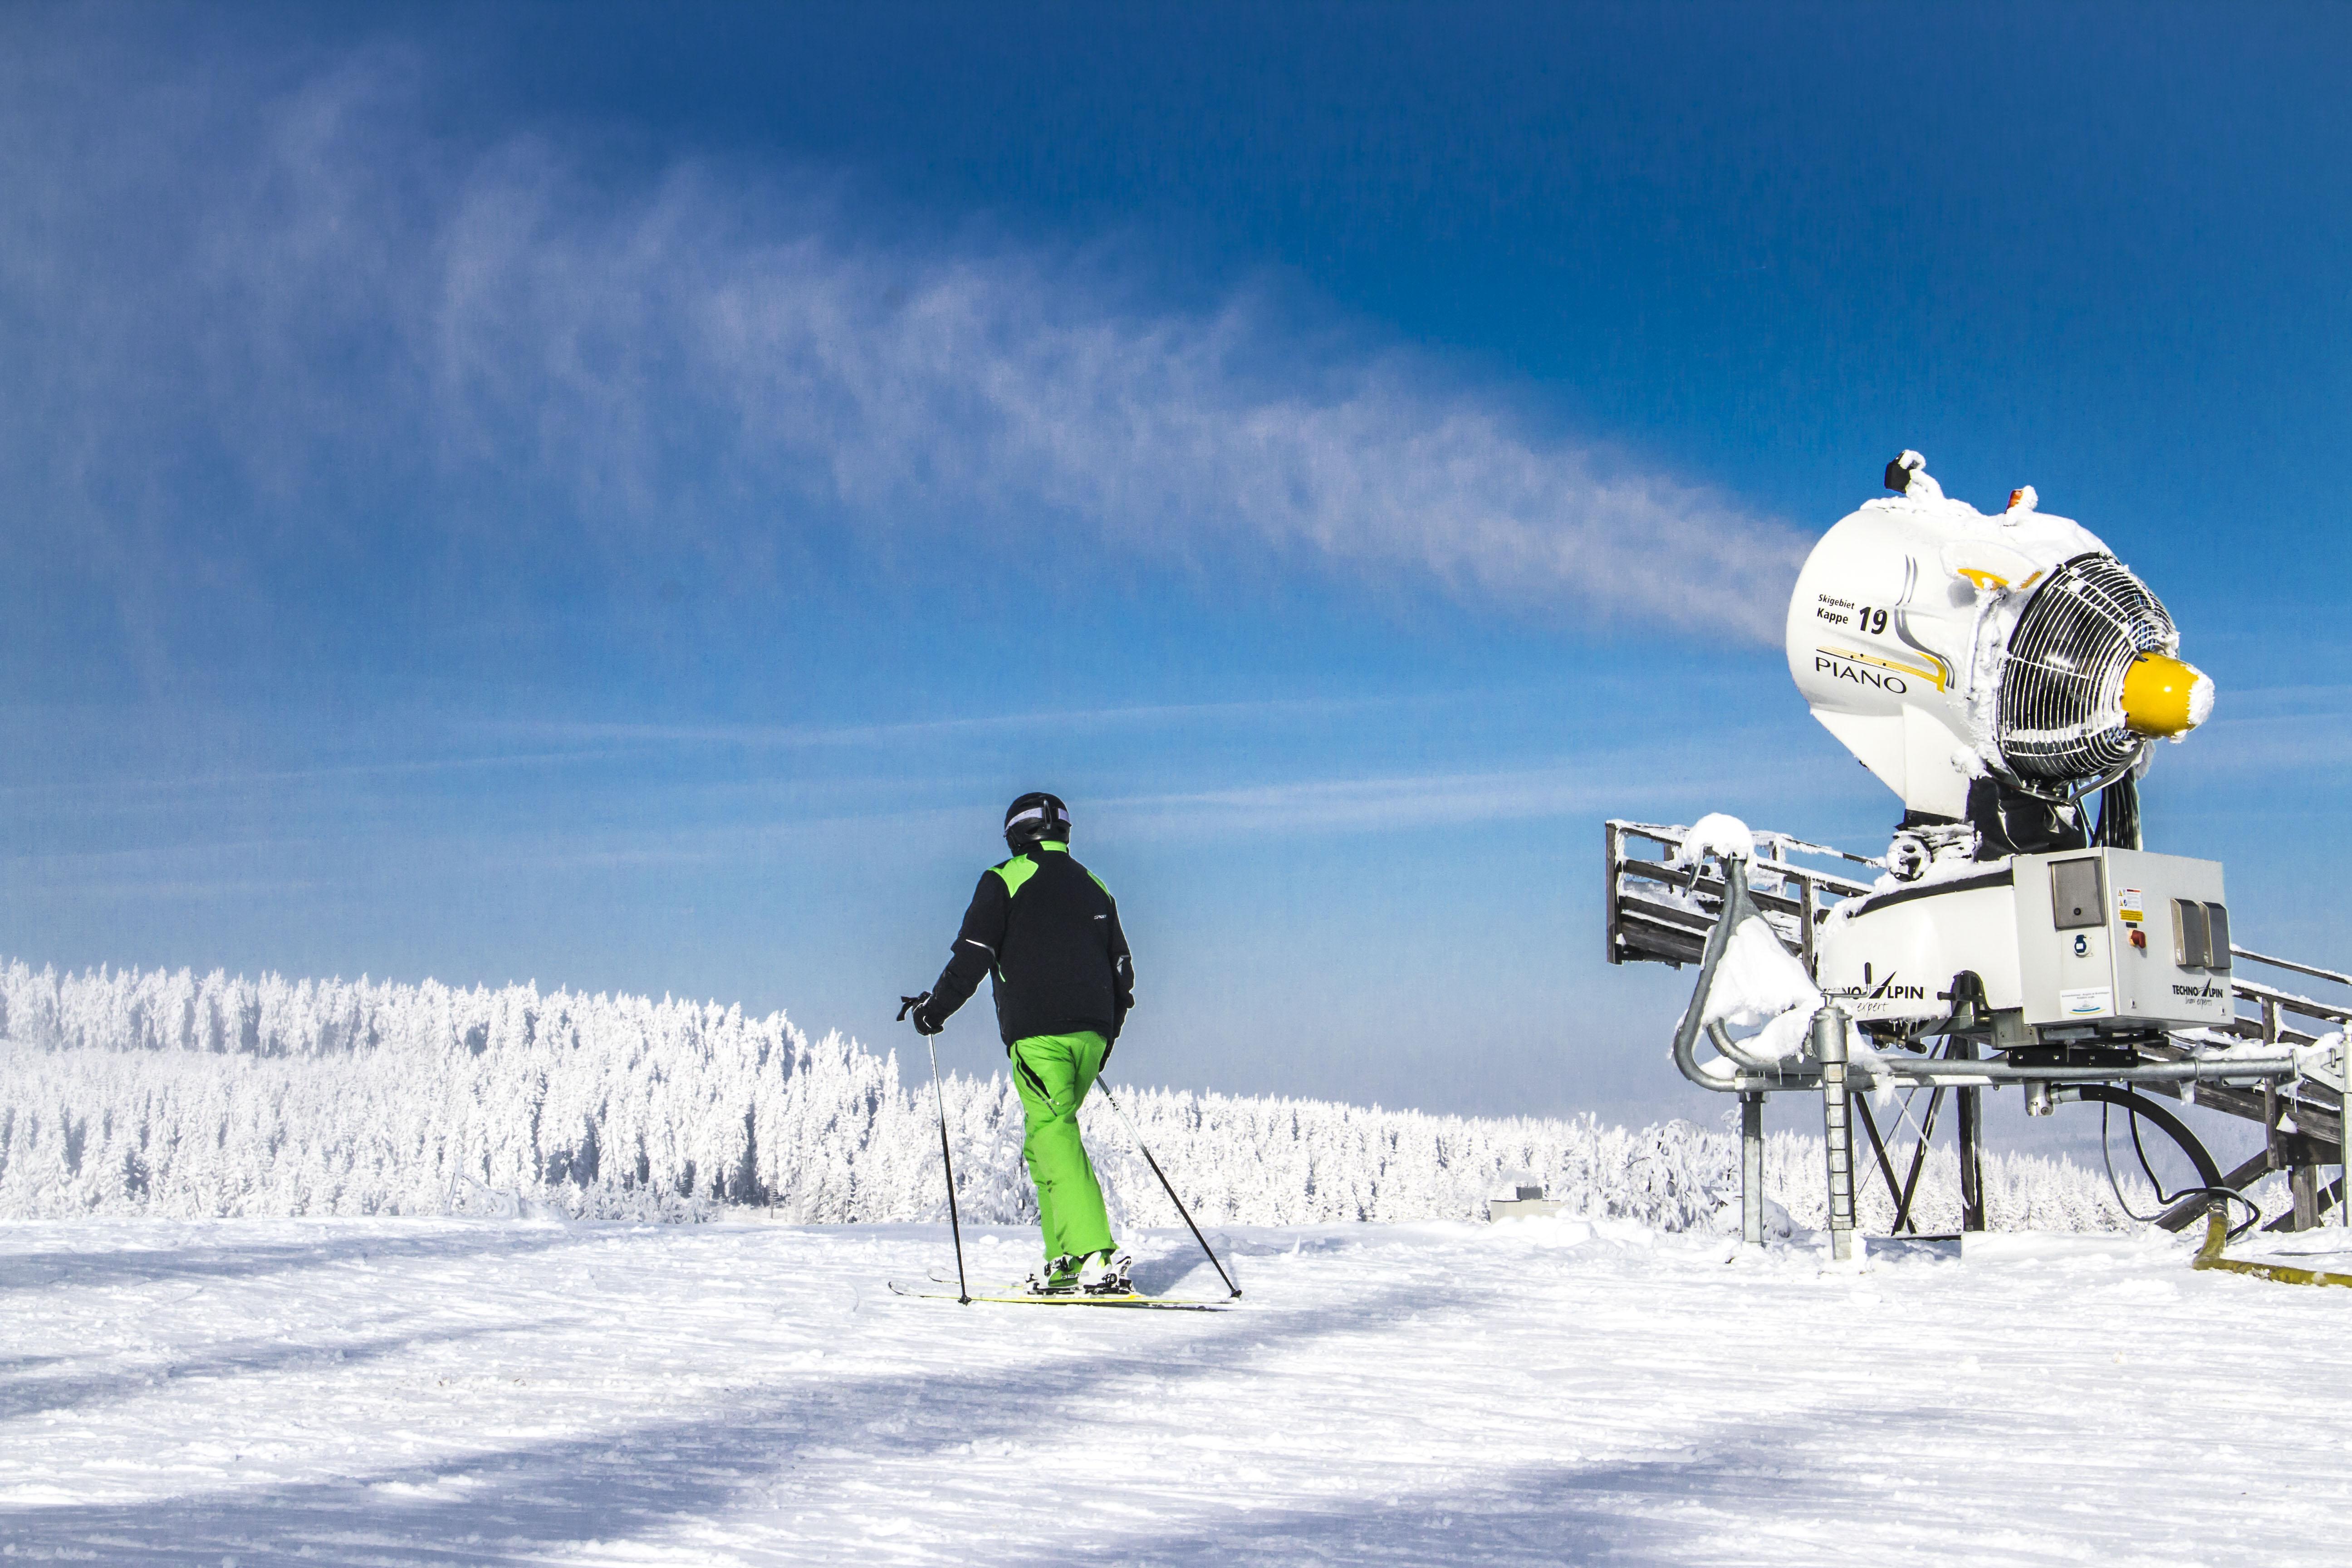 10 Millionen Euro Fur Lifte Und Schnee Im Sauerland Winter Mit